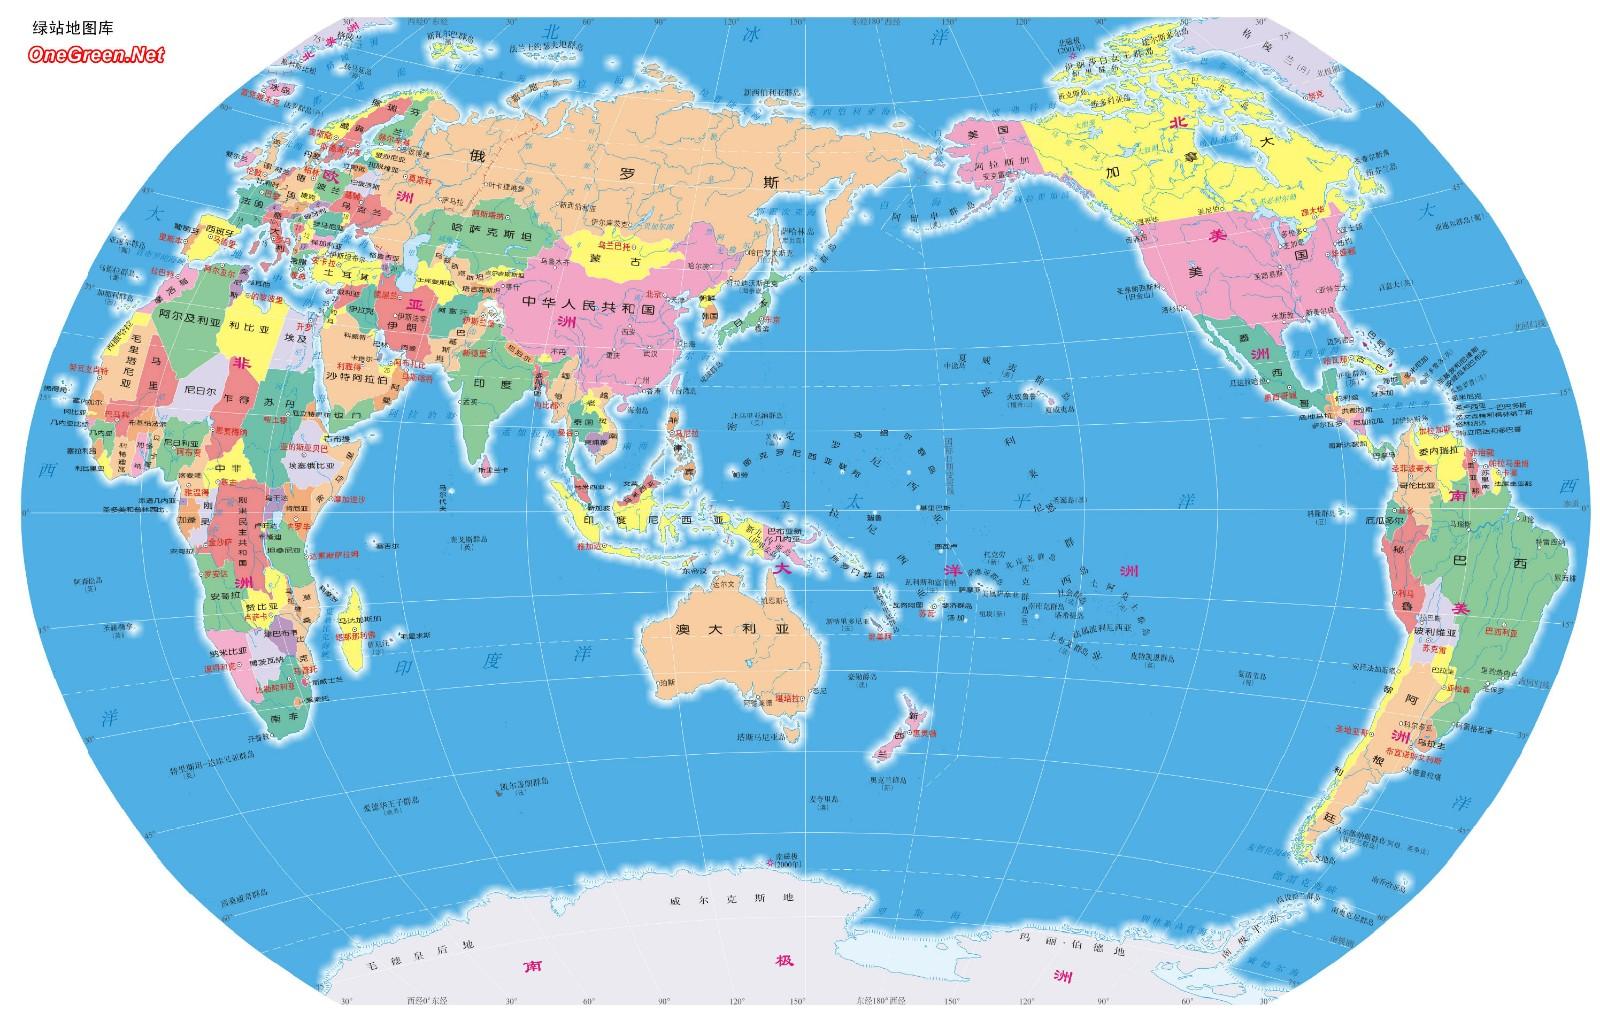 手绘世界地图时怎么画经纬线,除了圆规有什么工具吗